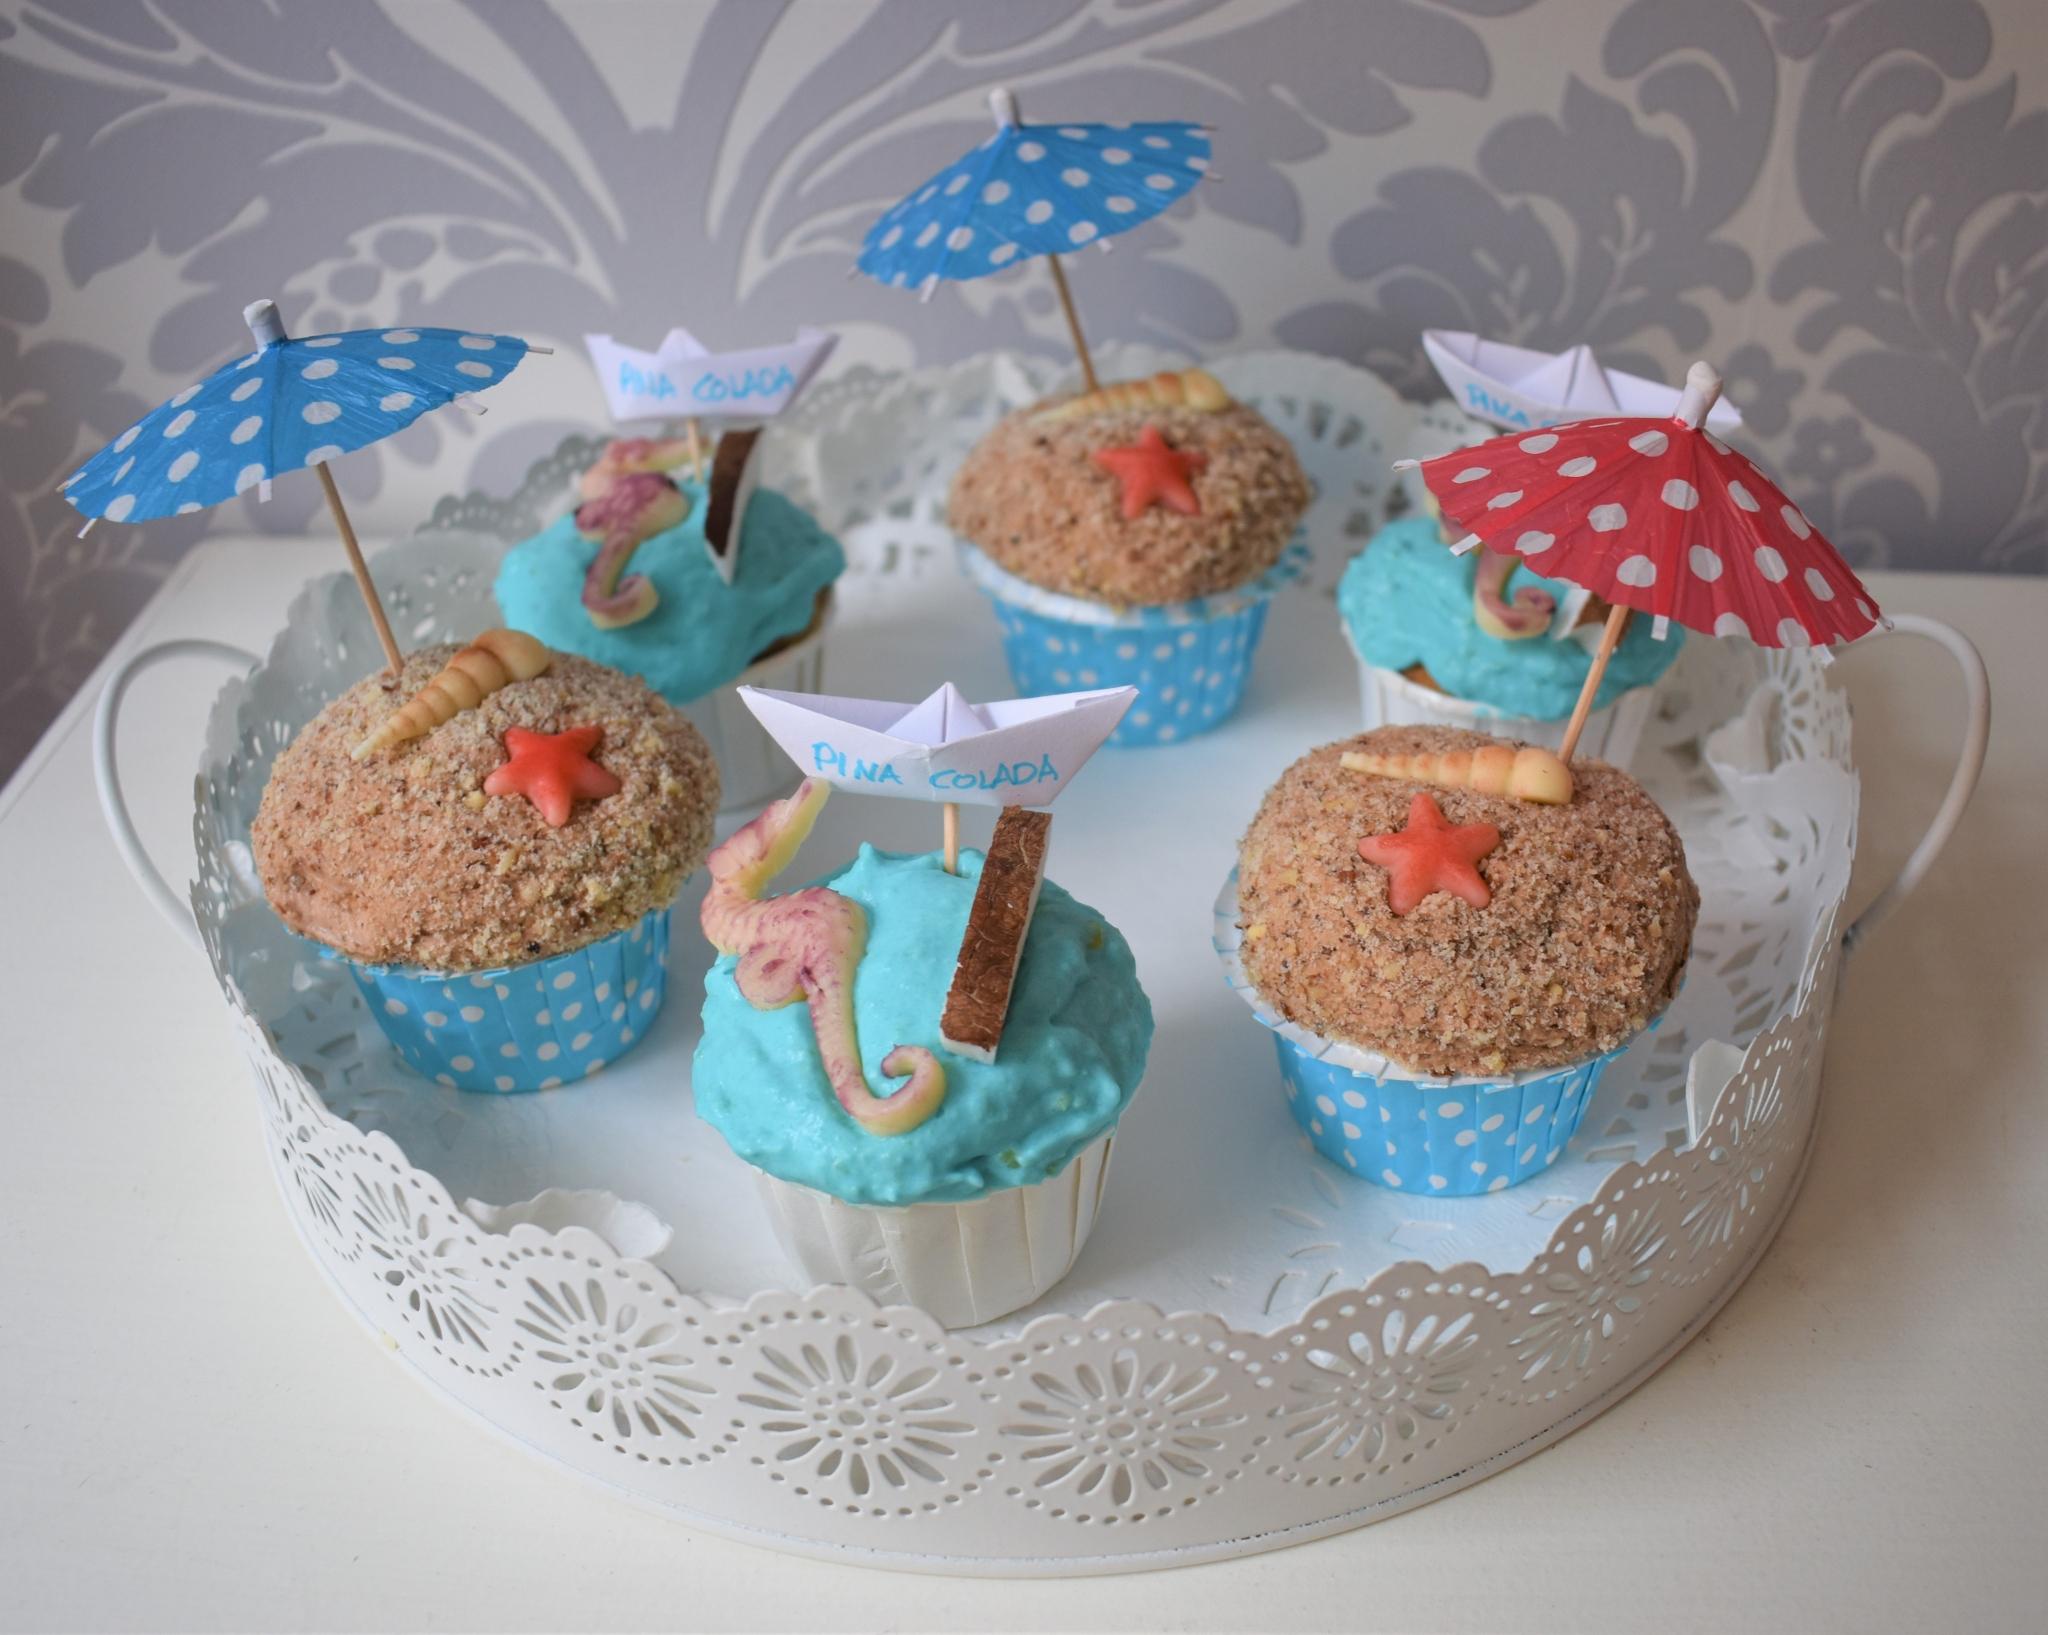 Meerescupcakes